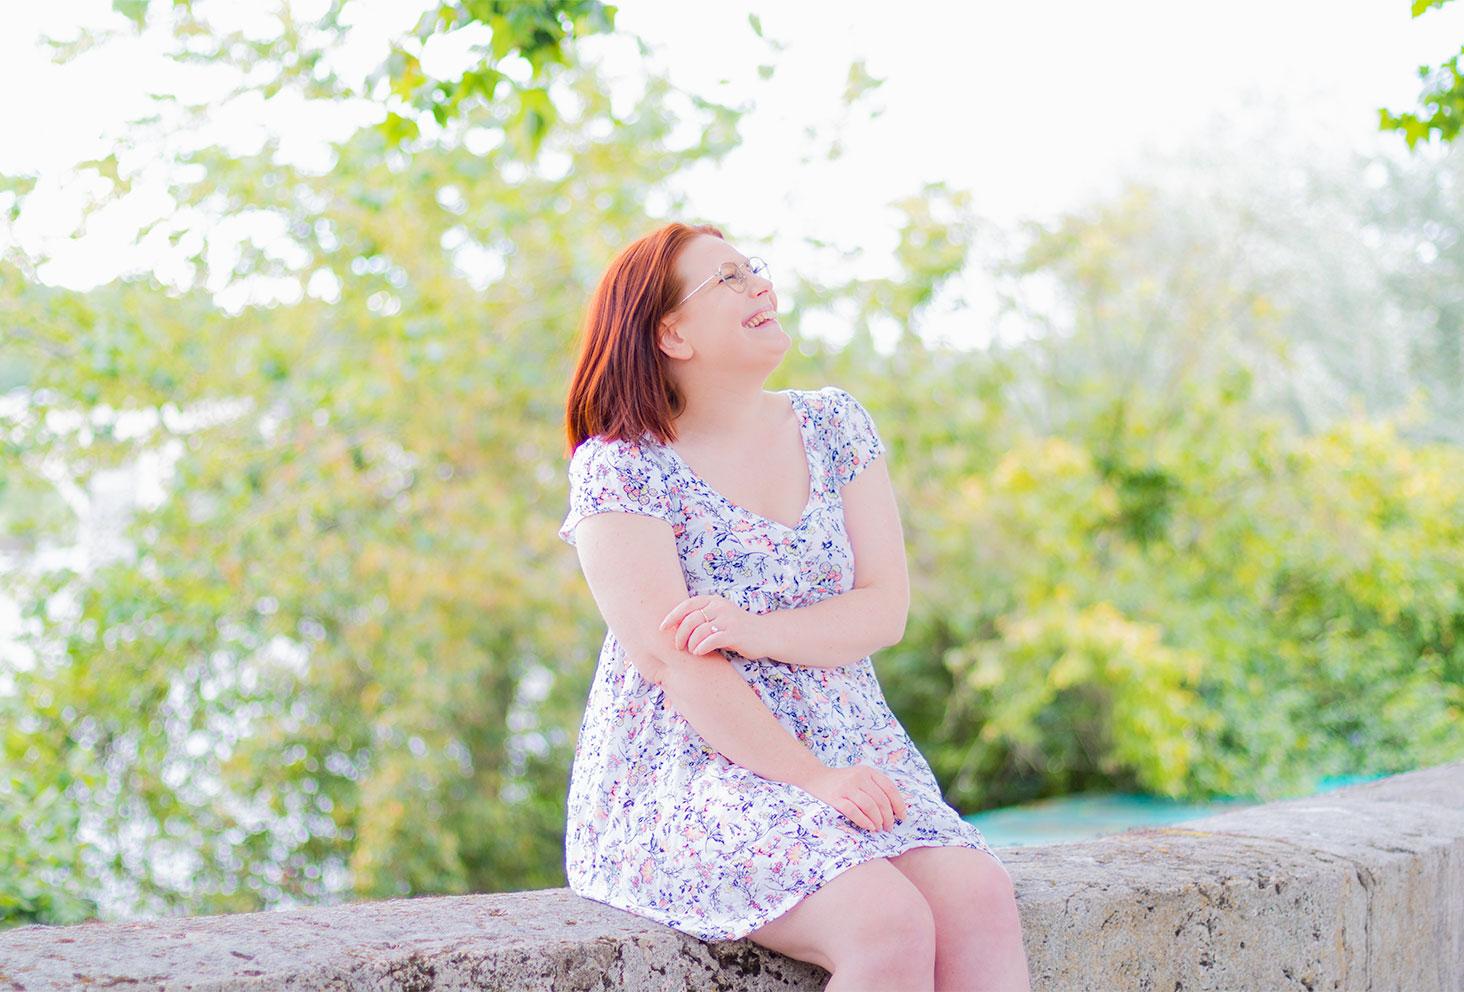 Tendances pour l'été, les robes à fleurs fluides, portée sur les bords de Loire à Tours